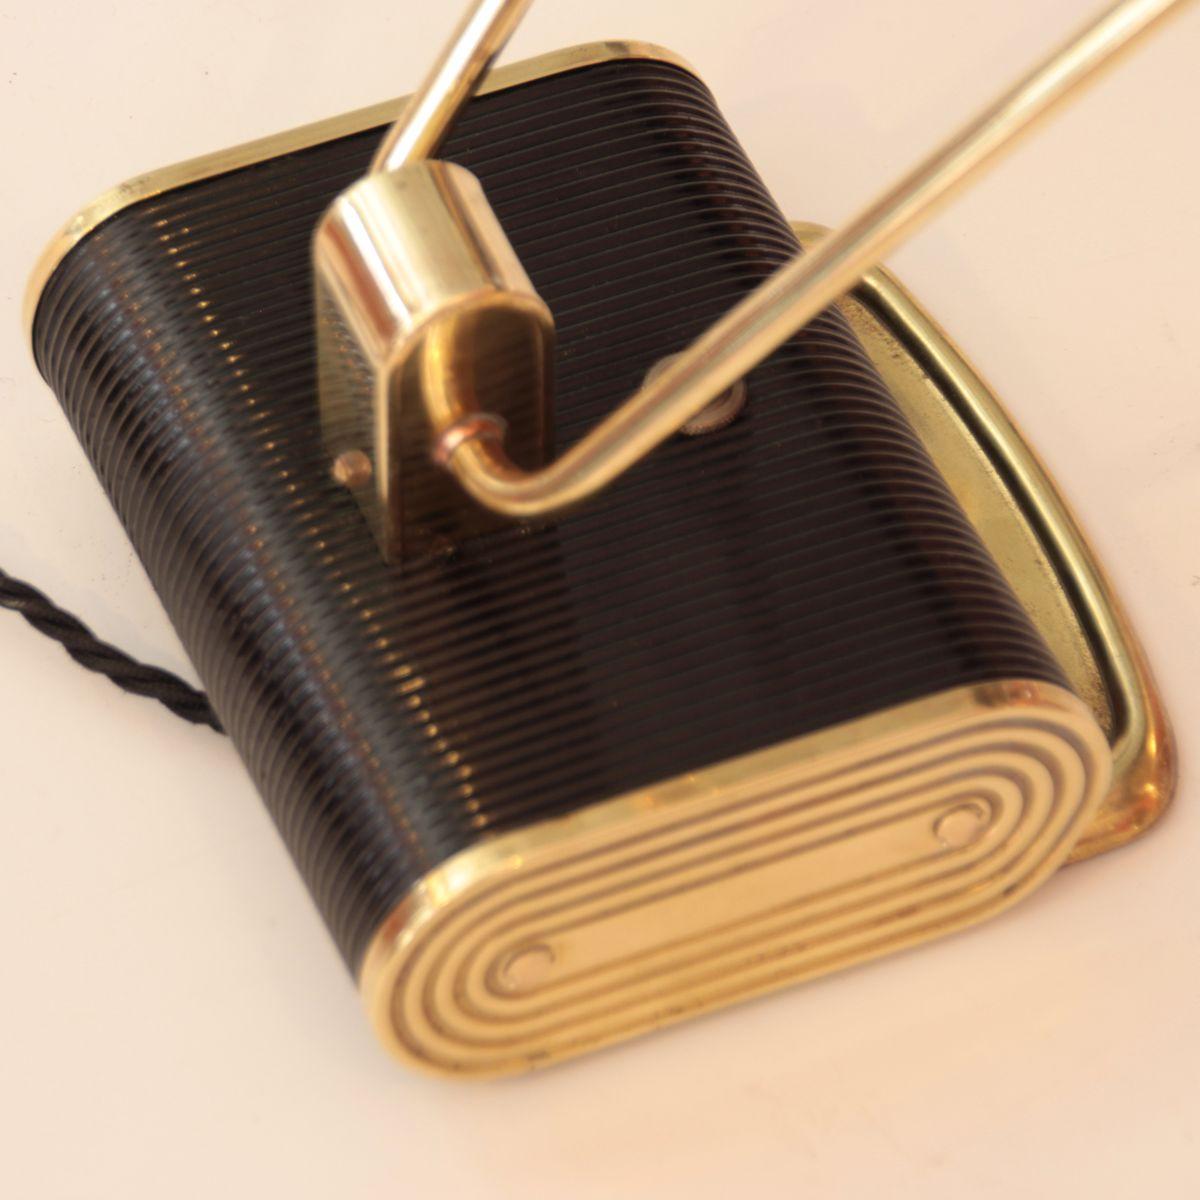 lampe de bureau art d co par eileen gray pour jumo france 1940 en vente sur pamono. Black Bedroom Furniture Sets. Home Design Ideas